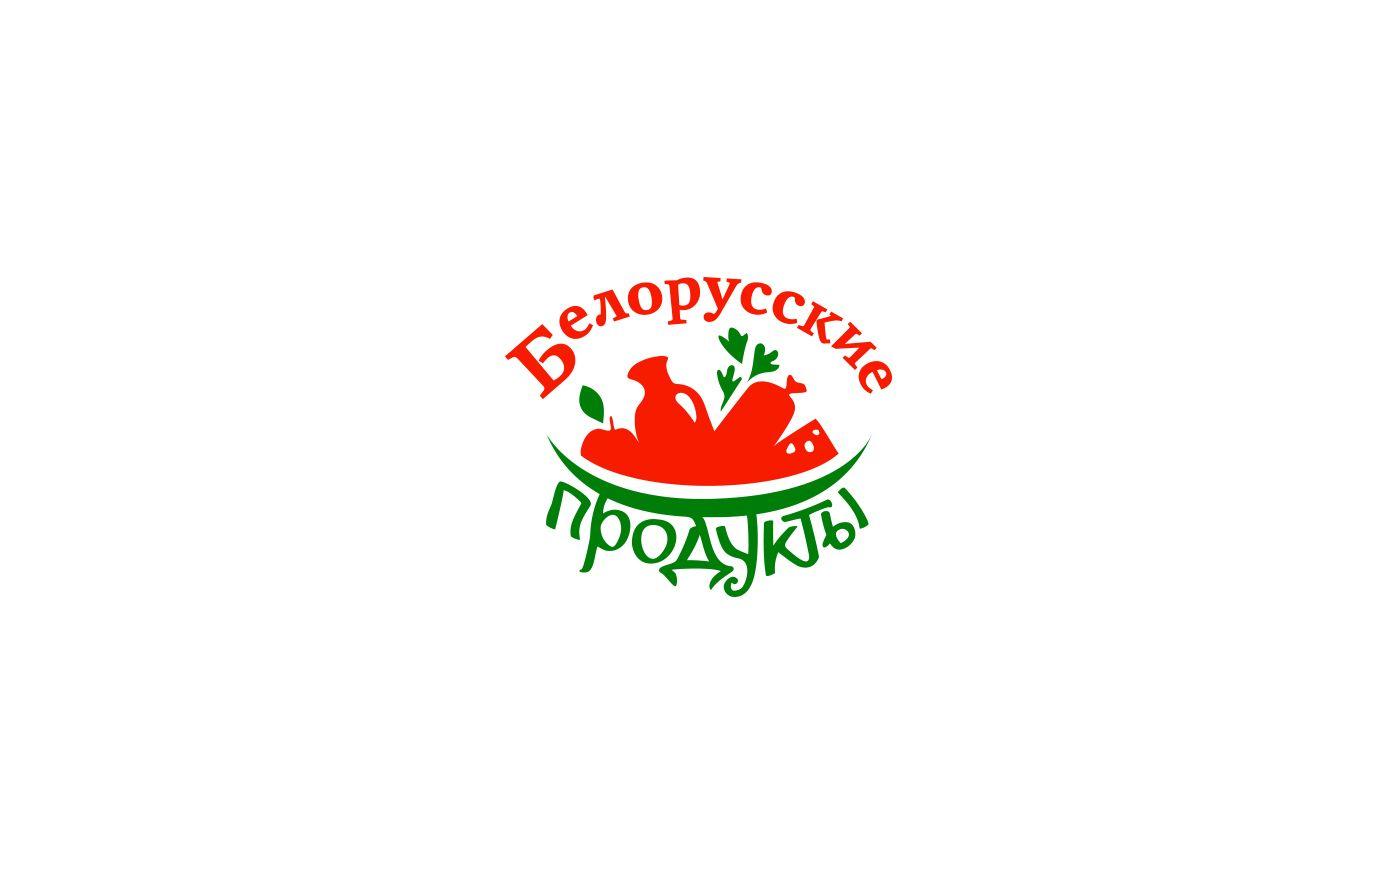 Логотип для Продукты из белоруссии, белорусские продукты - дизайнер Maria_Knyazeva